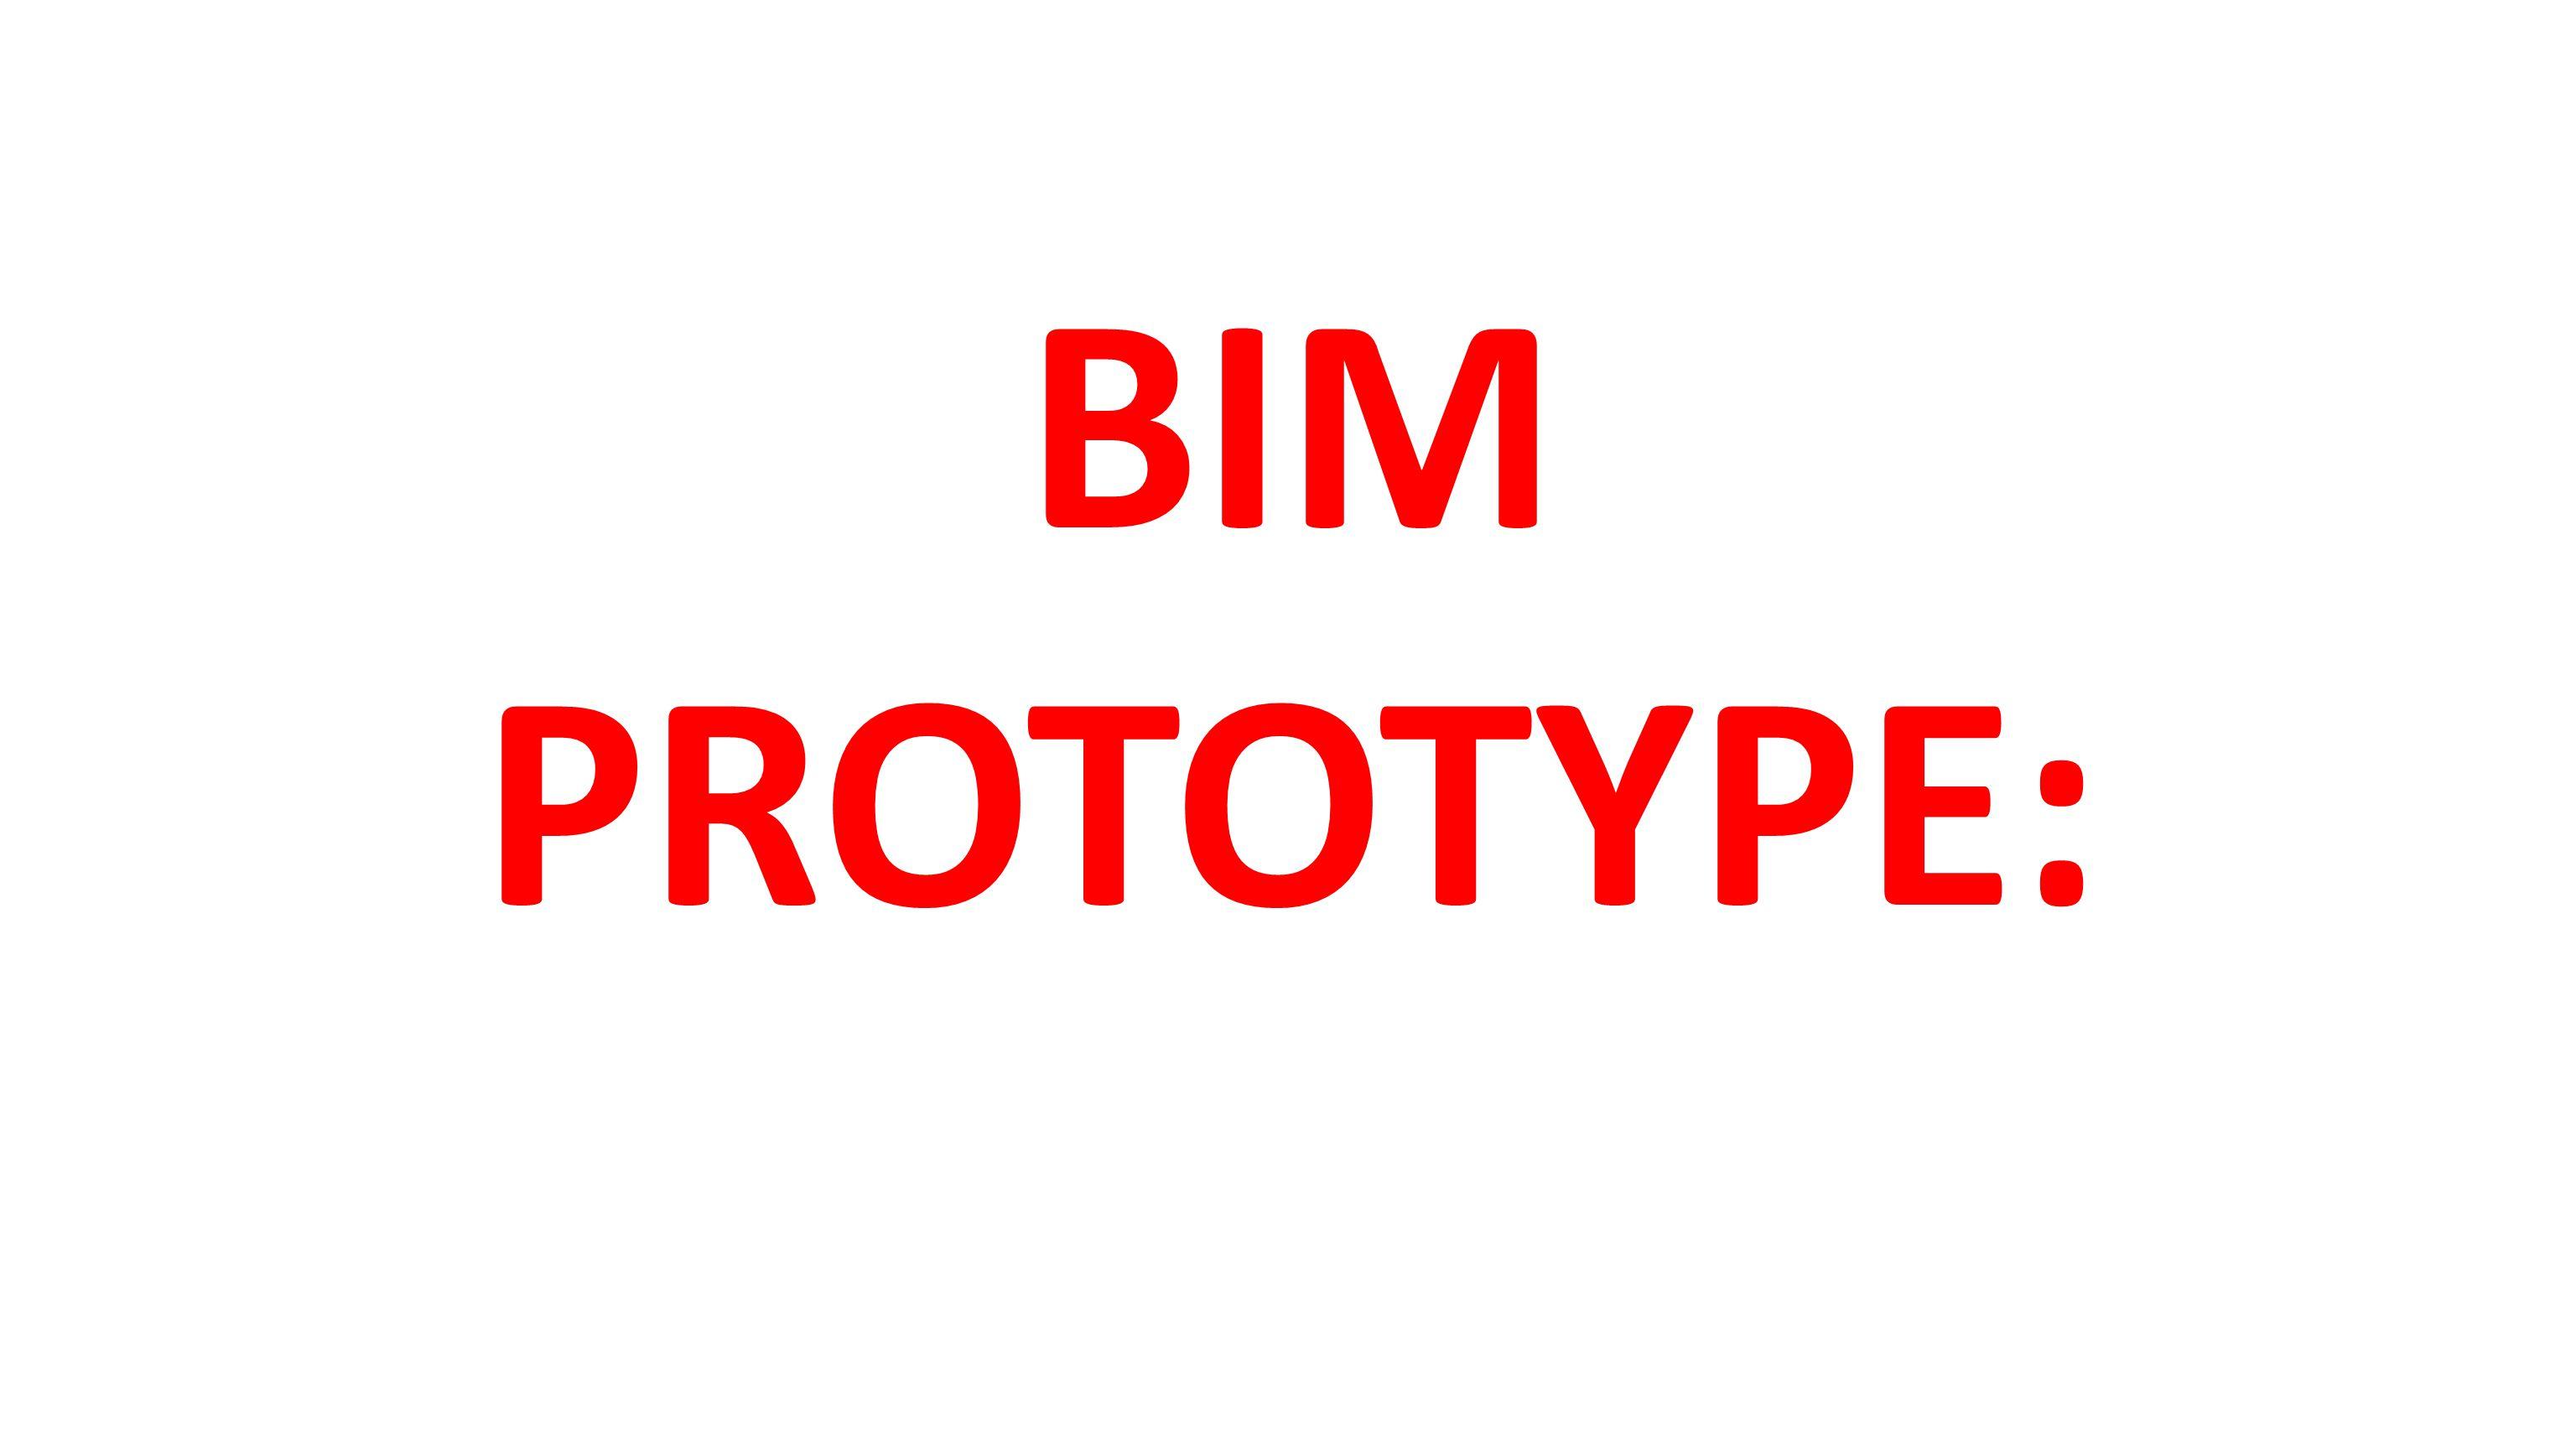 BIM PROTOTYPE: